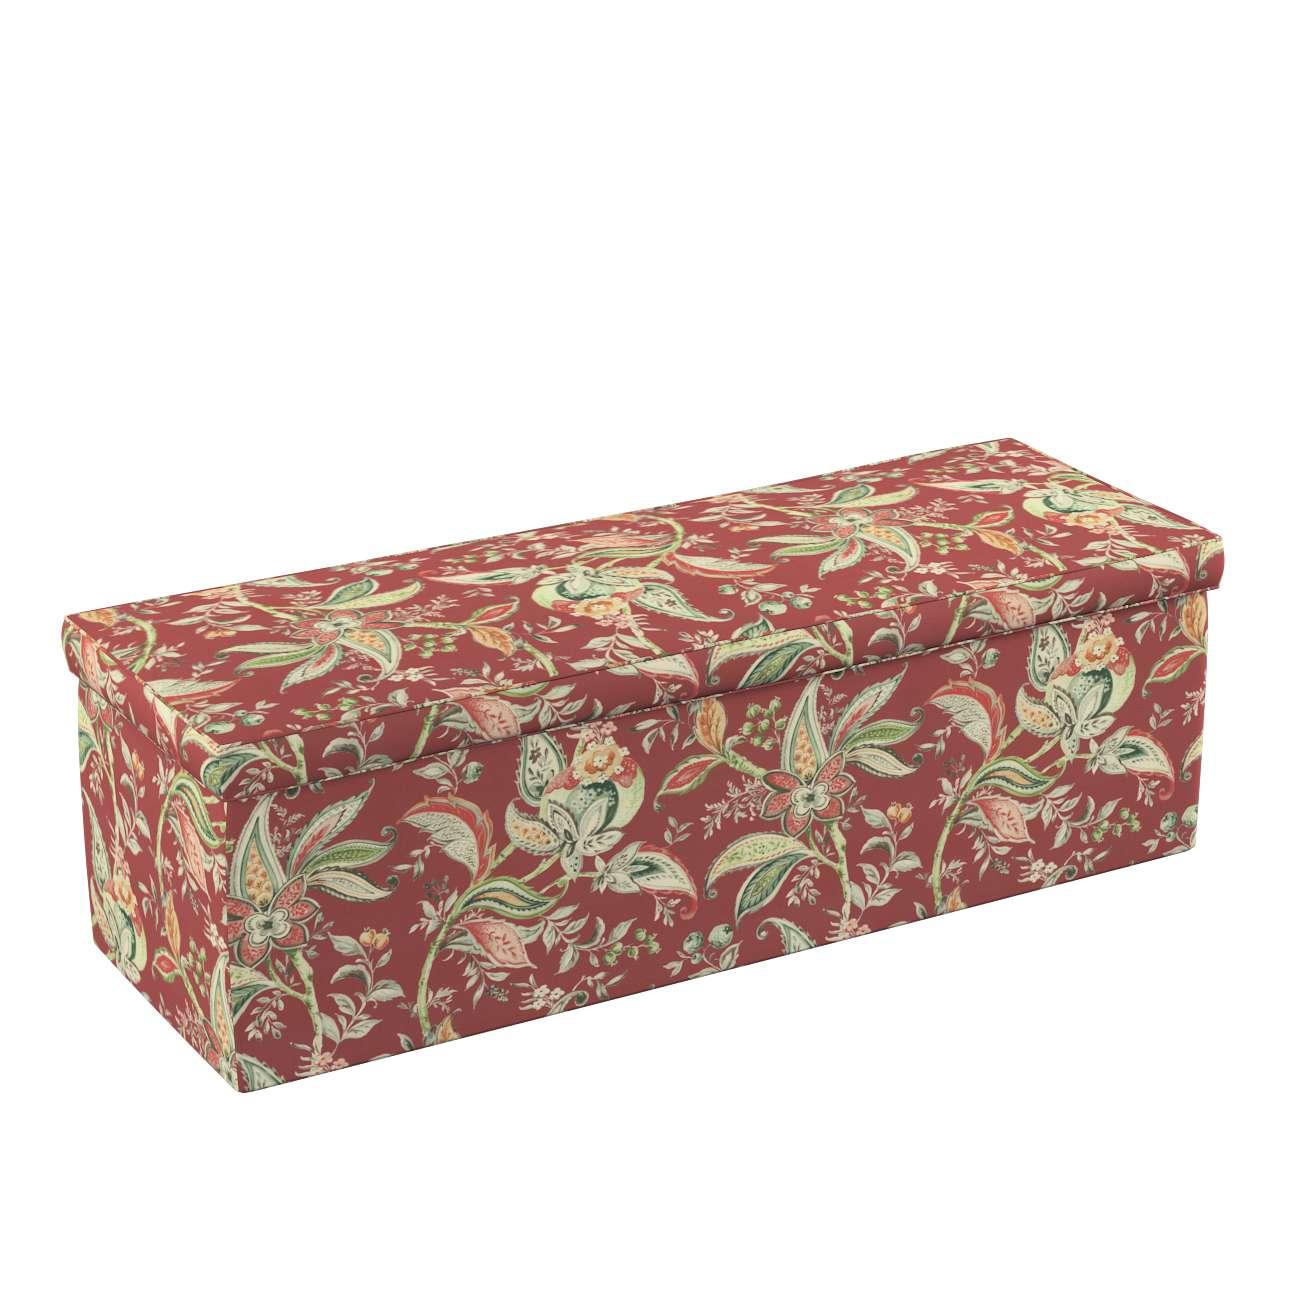 Dekoria Čalouněná skříň s volbou látky - 2 velikosti, rostlinné a květové vzory na cihlově červeném podkladu, 90 × 40 × 40 cm, Gardenia, 142-12